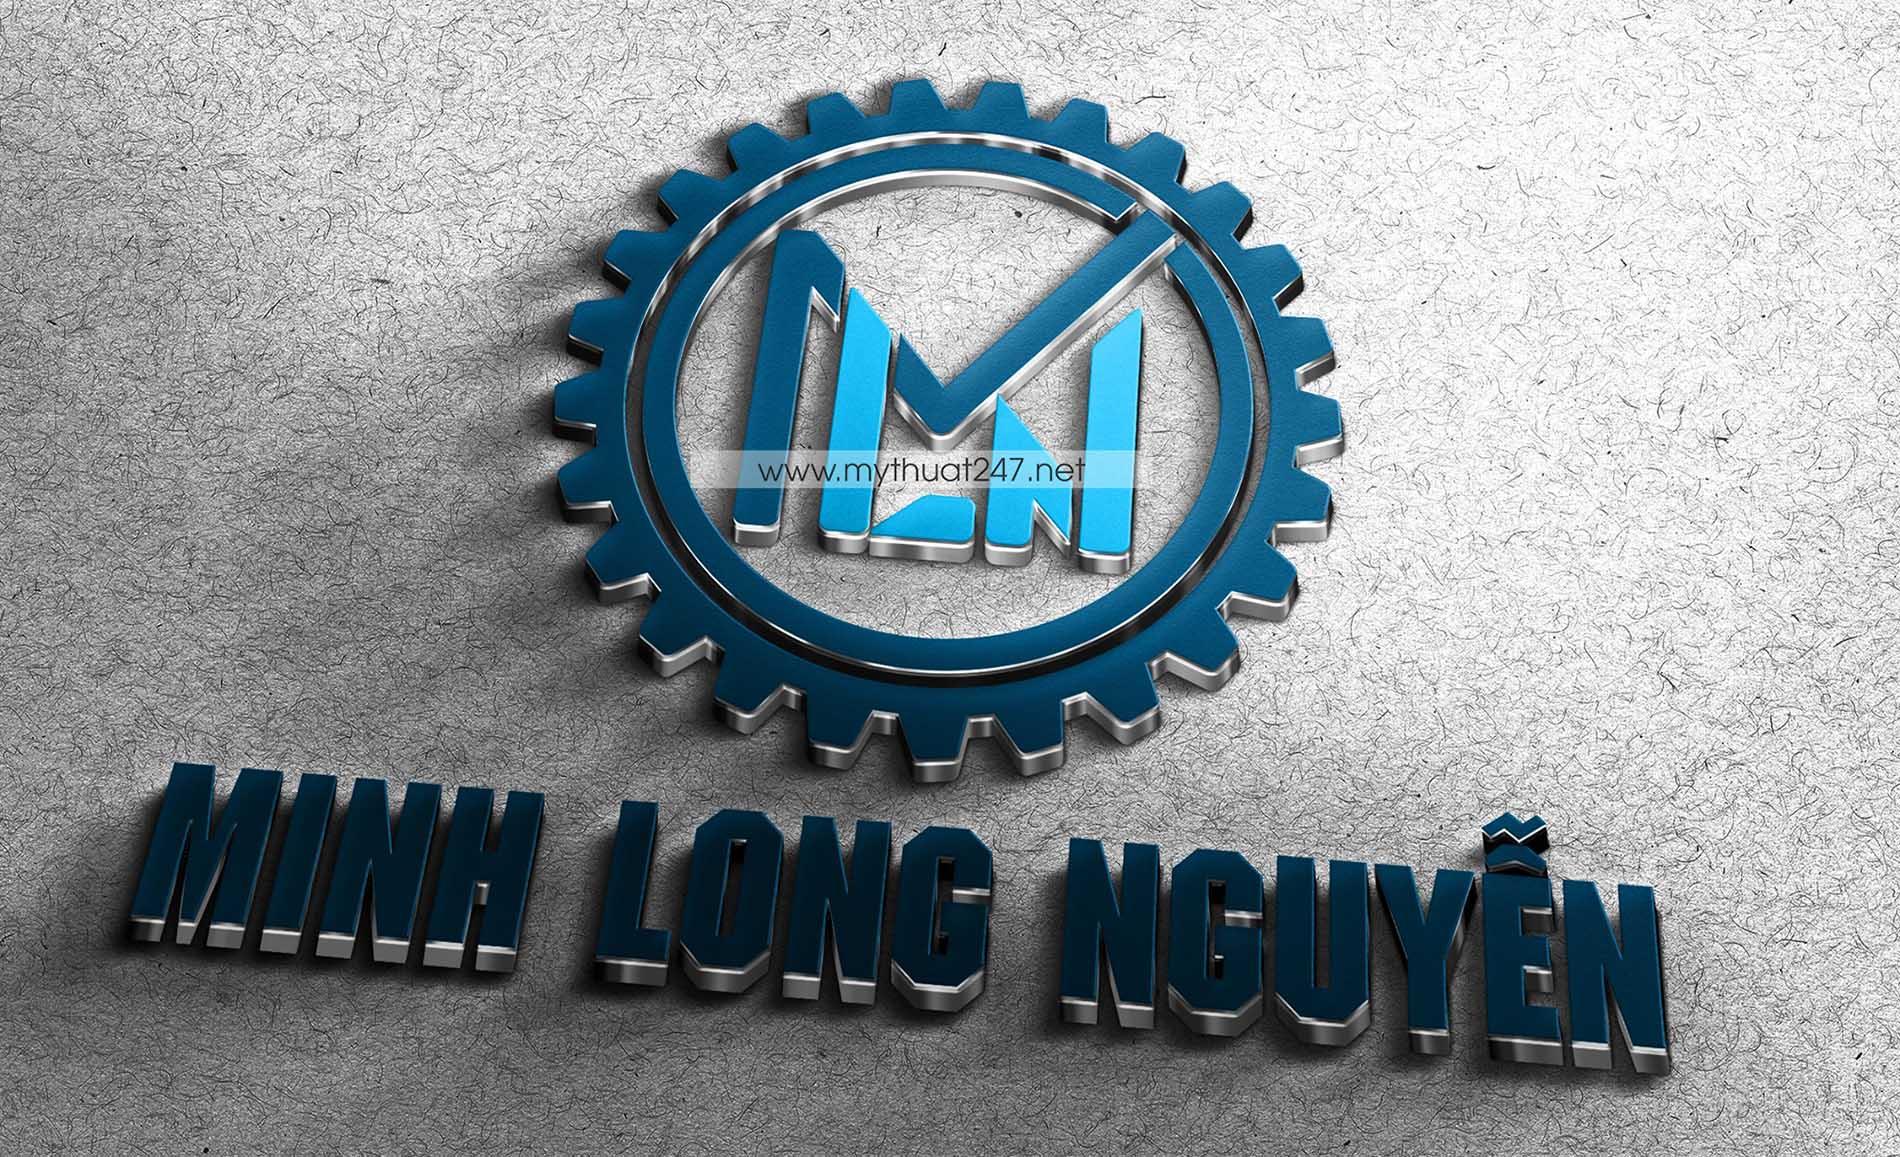 Thiết kế logo công ty tnhh minh long nguyễn